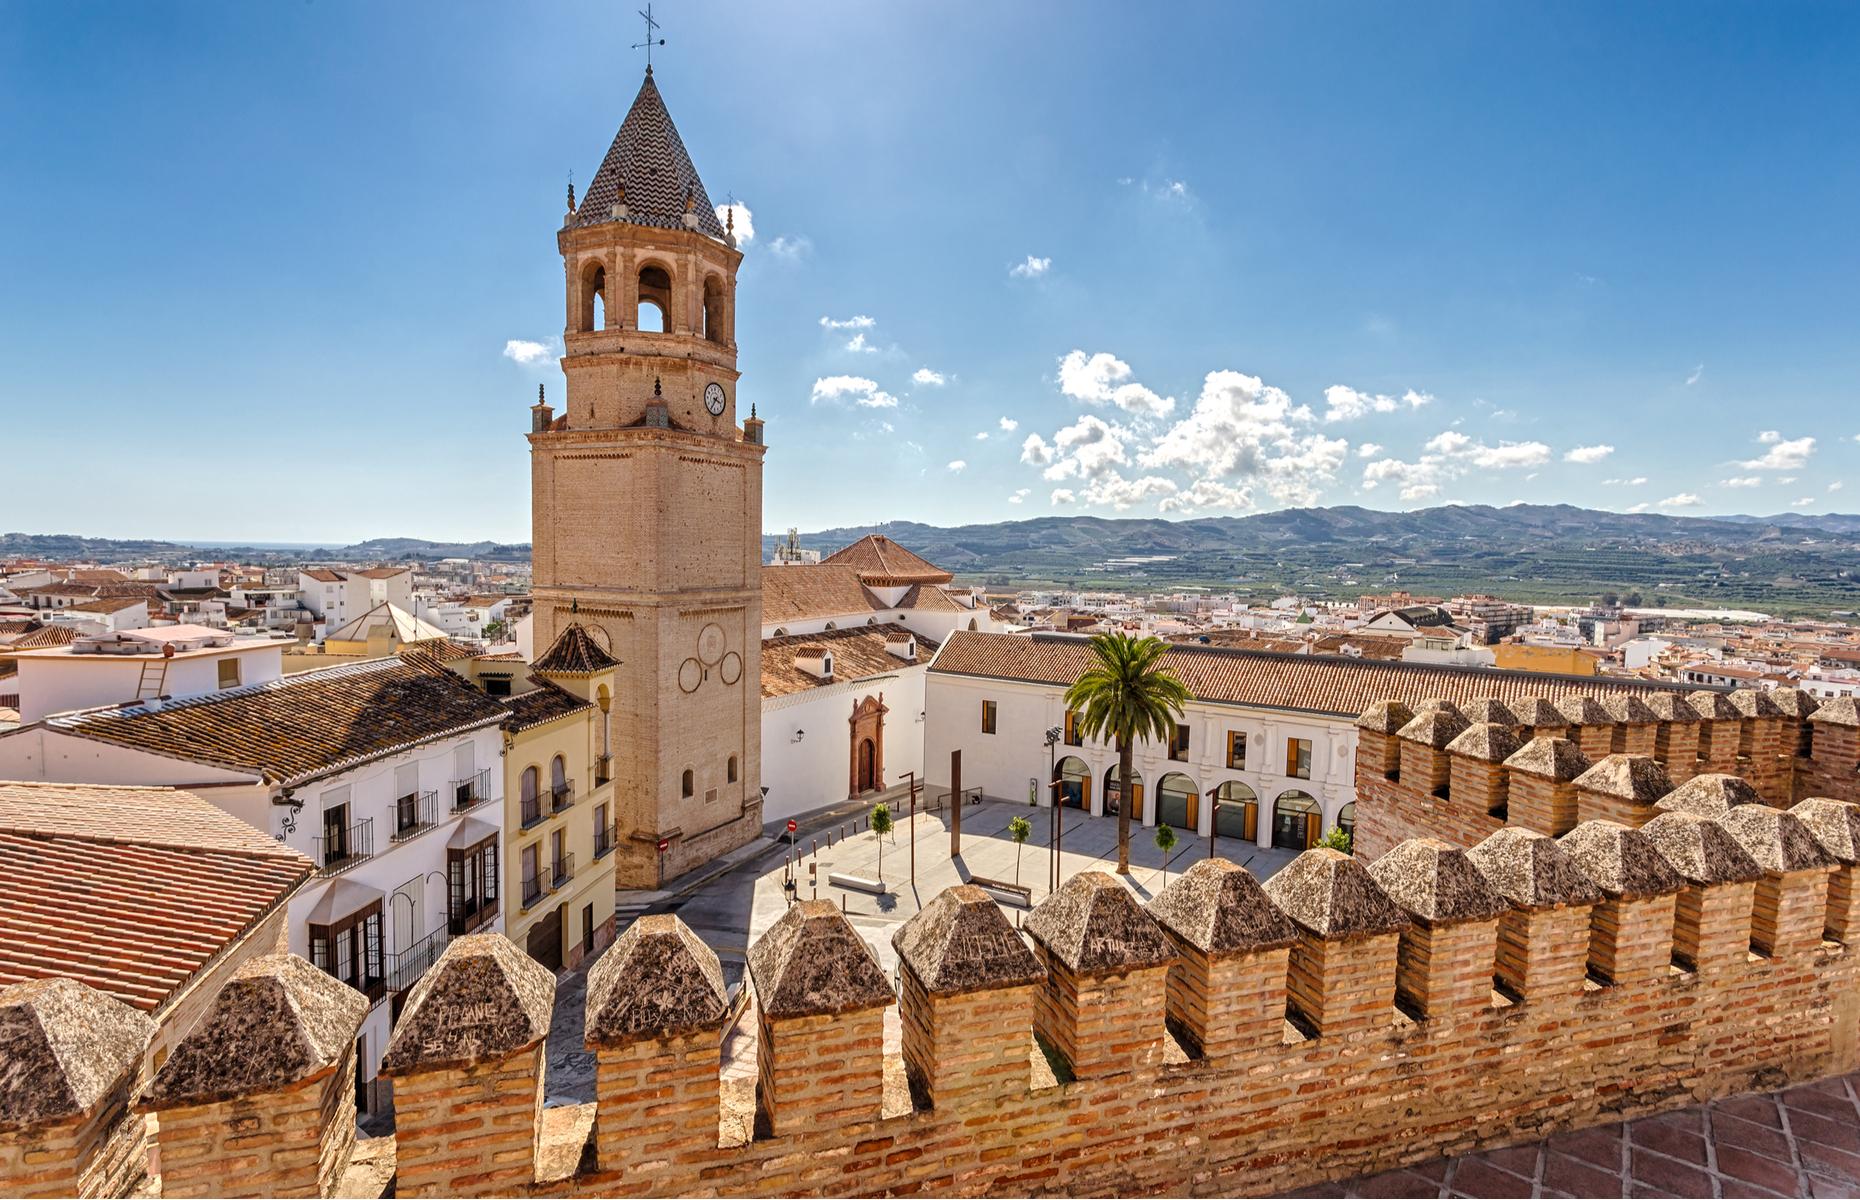 San Juan church in Malaga